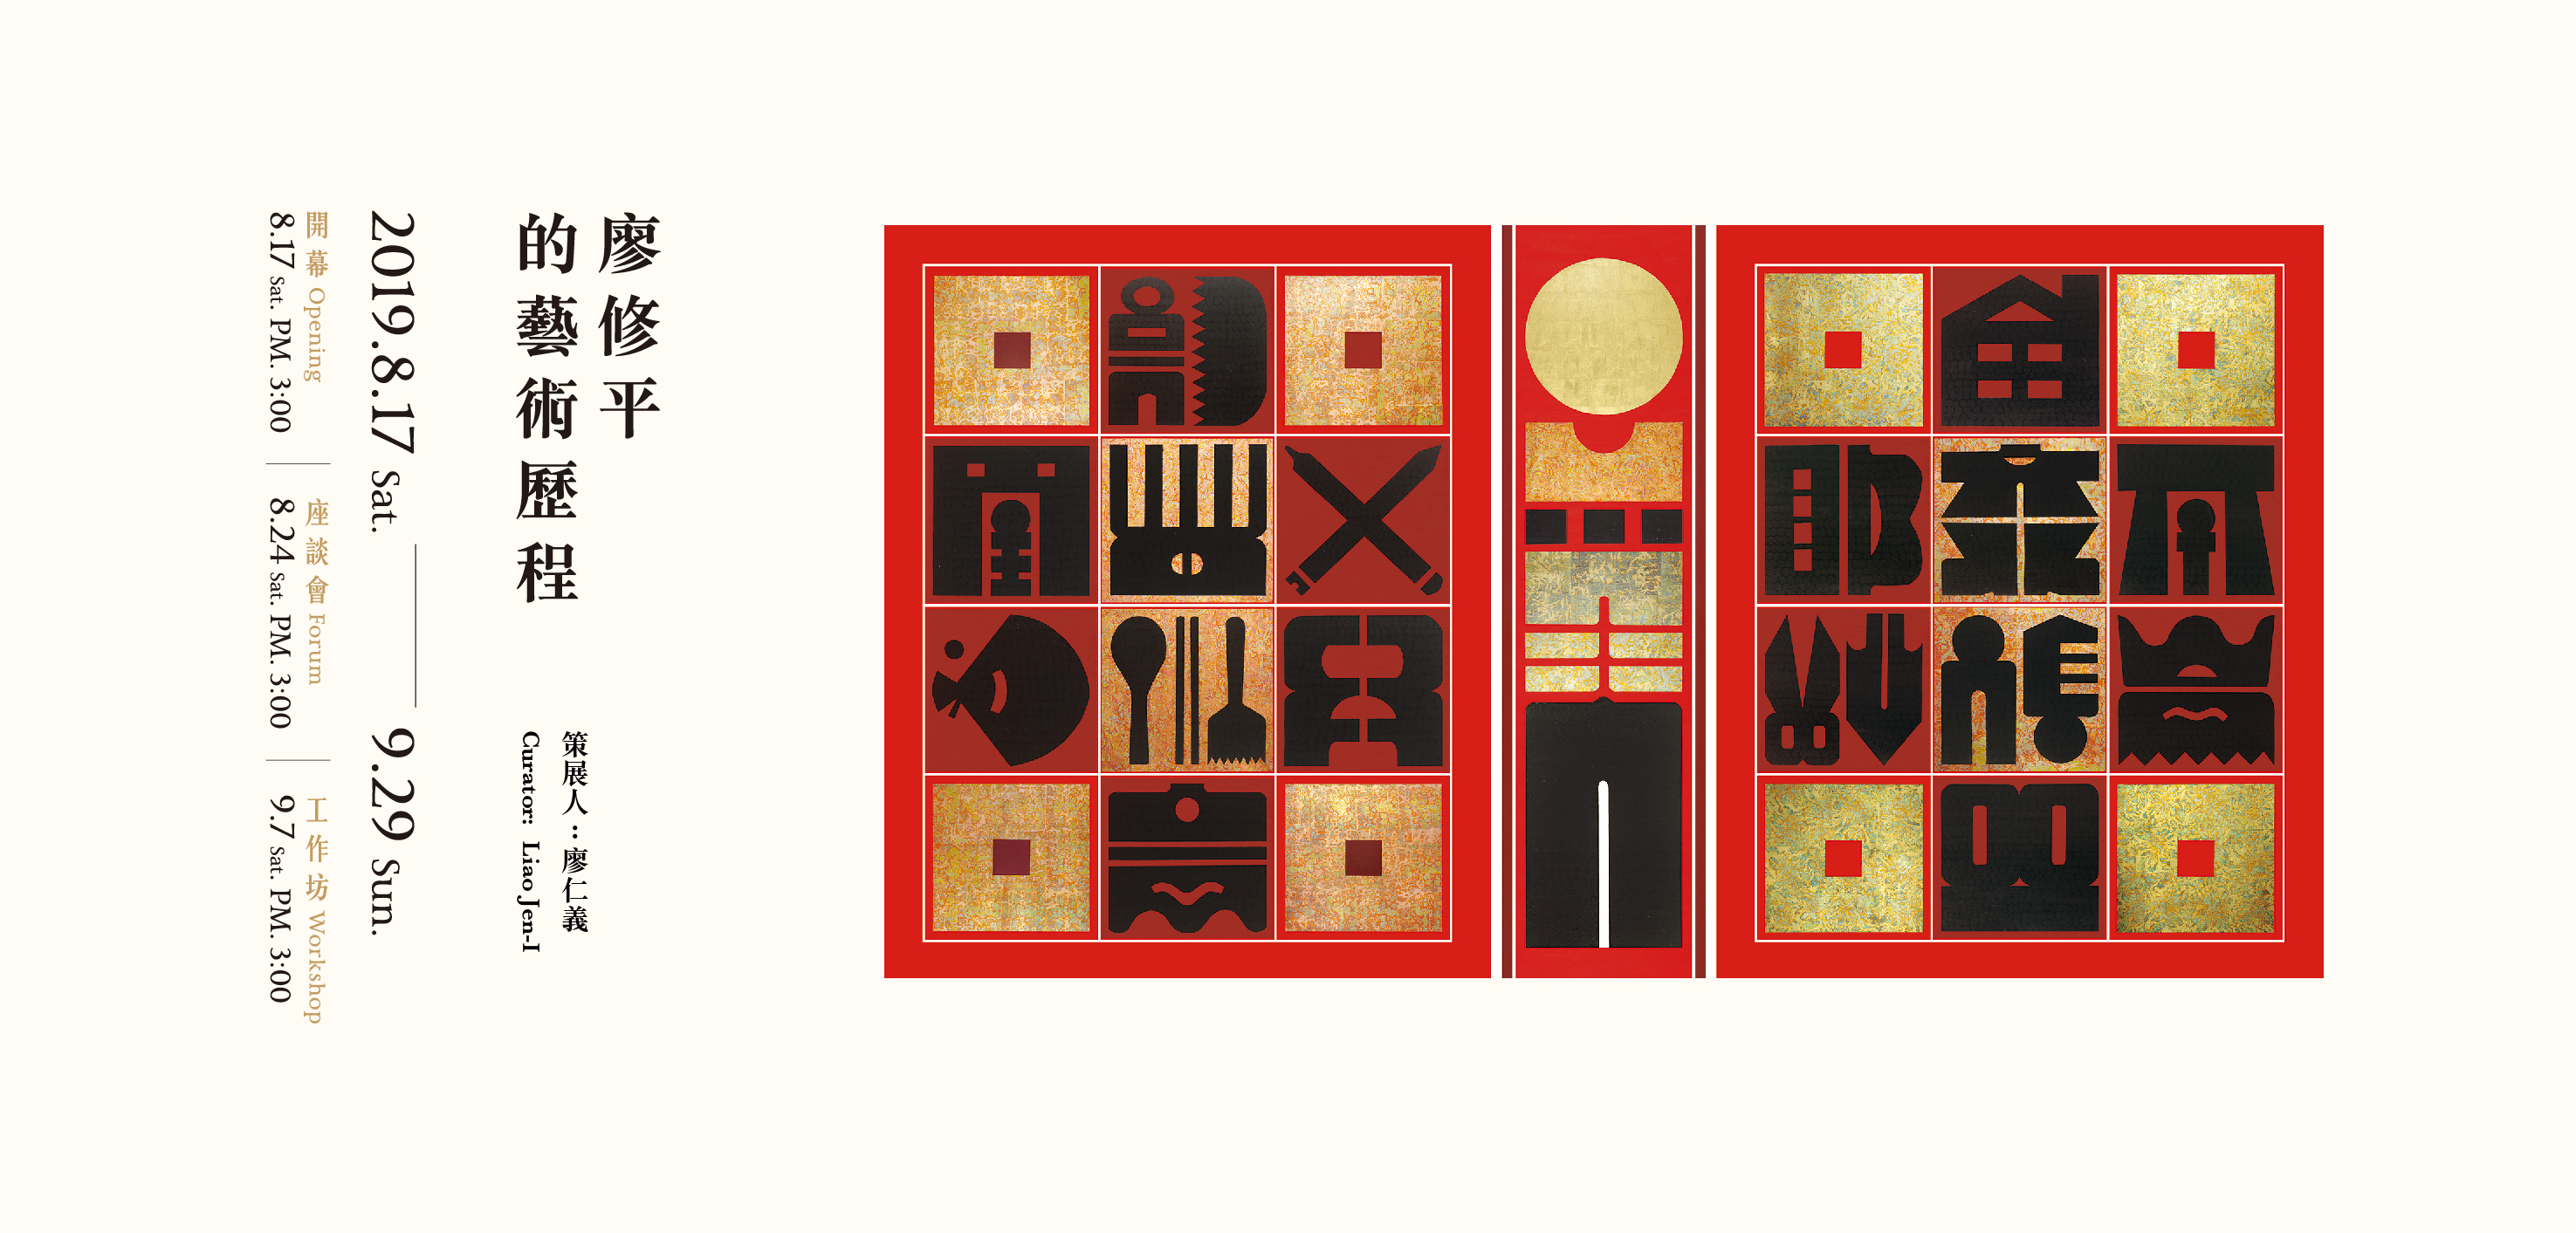 朴素高贵:廖修平的艺术历程